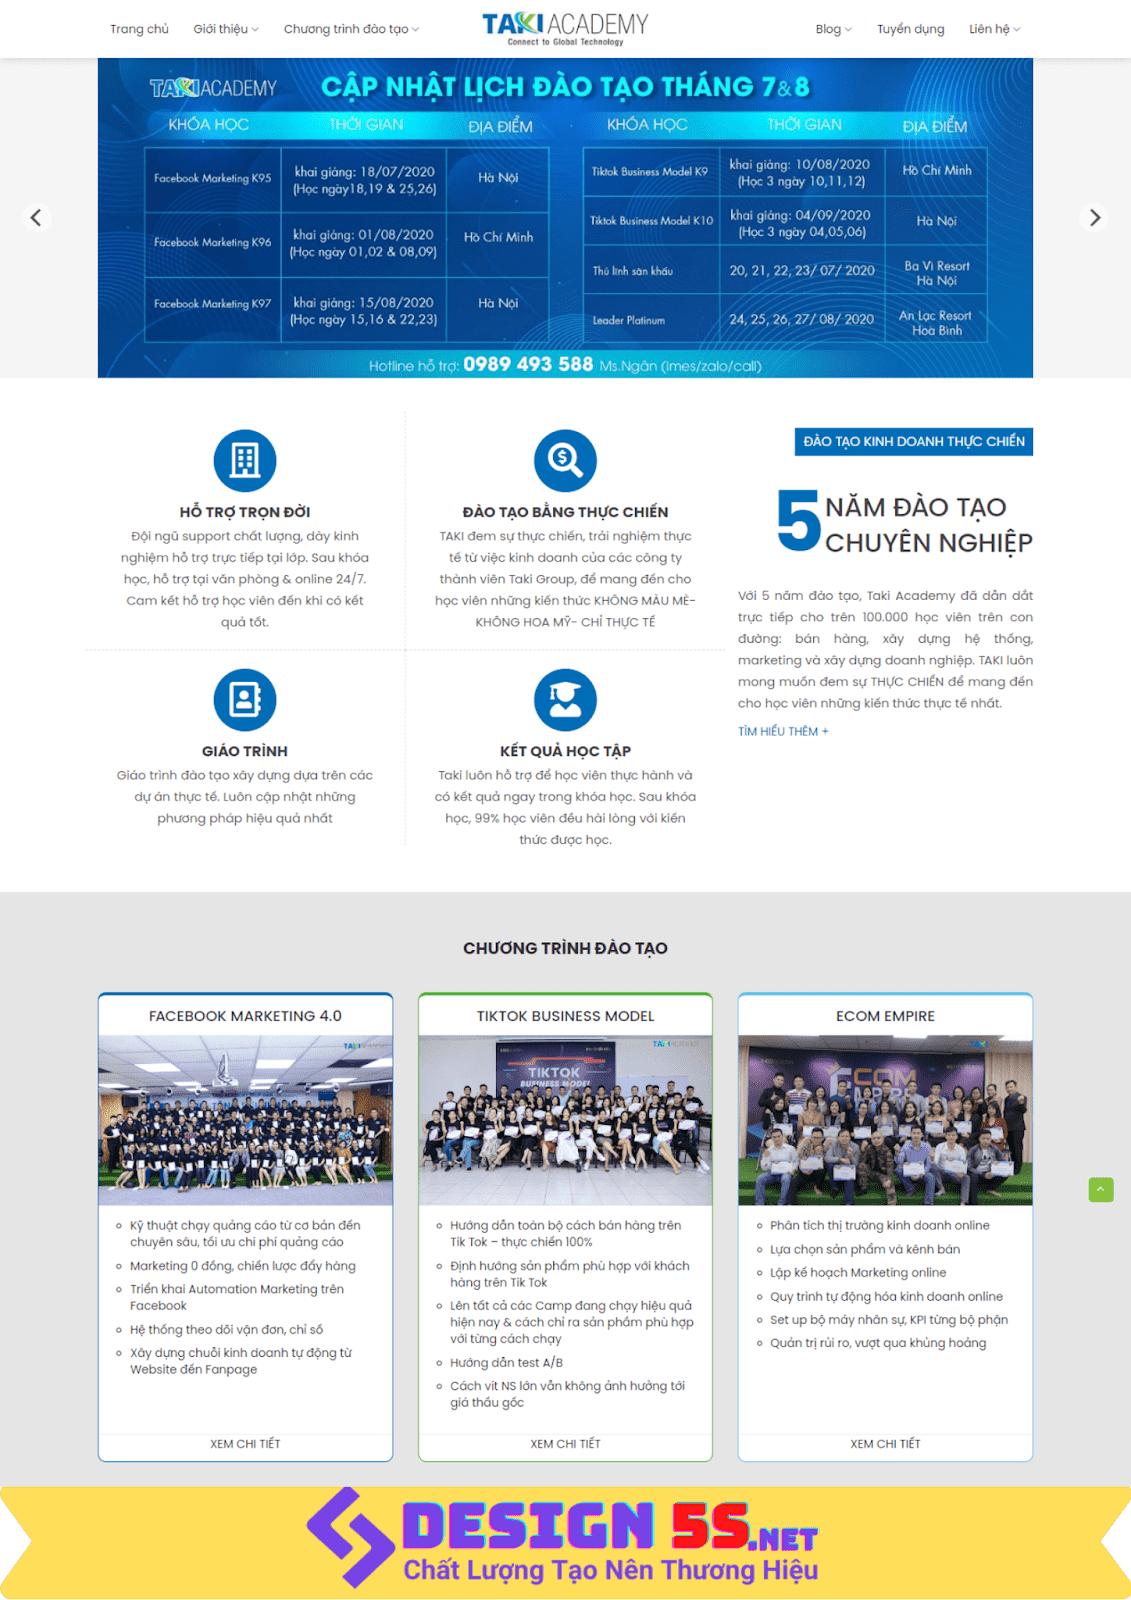 Template blogspot  dịch vụ marketing VSM42 - Ảnh 1